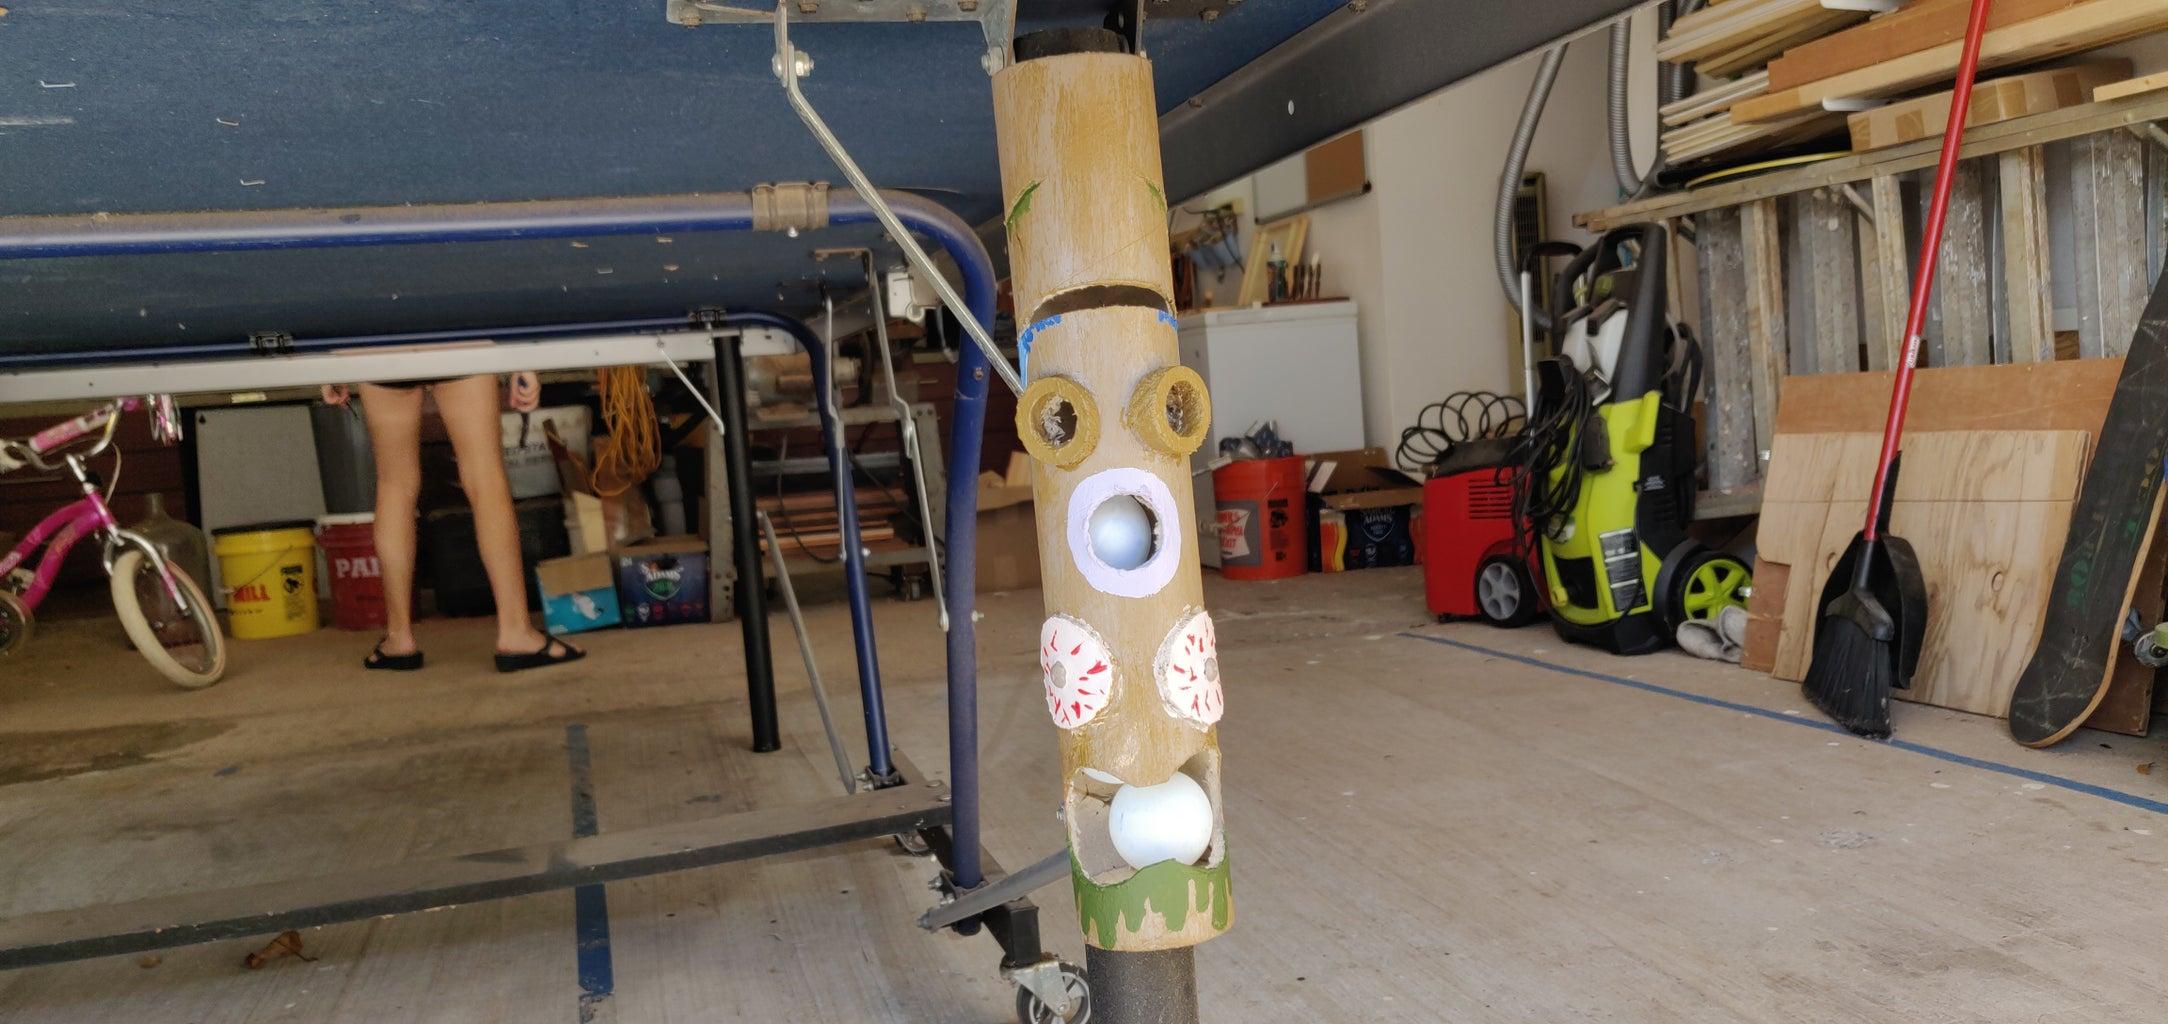 Tiki Totem Ping Pong Dispenser